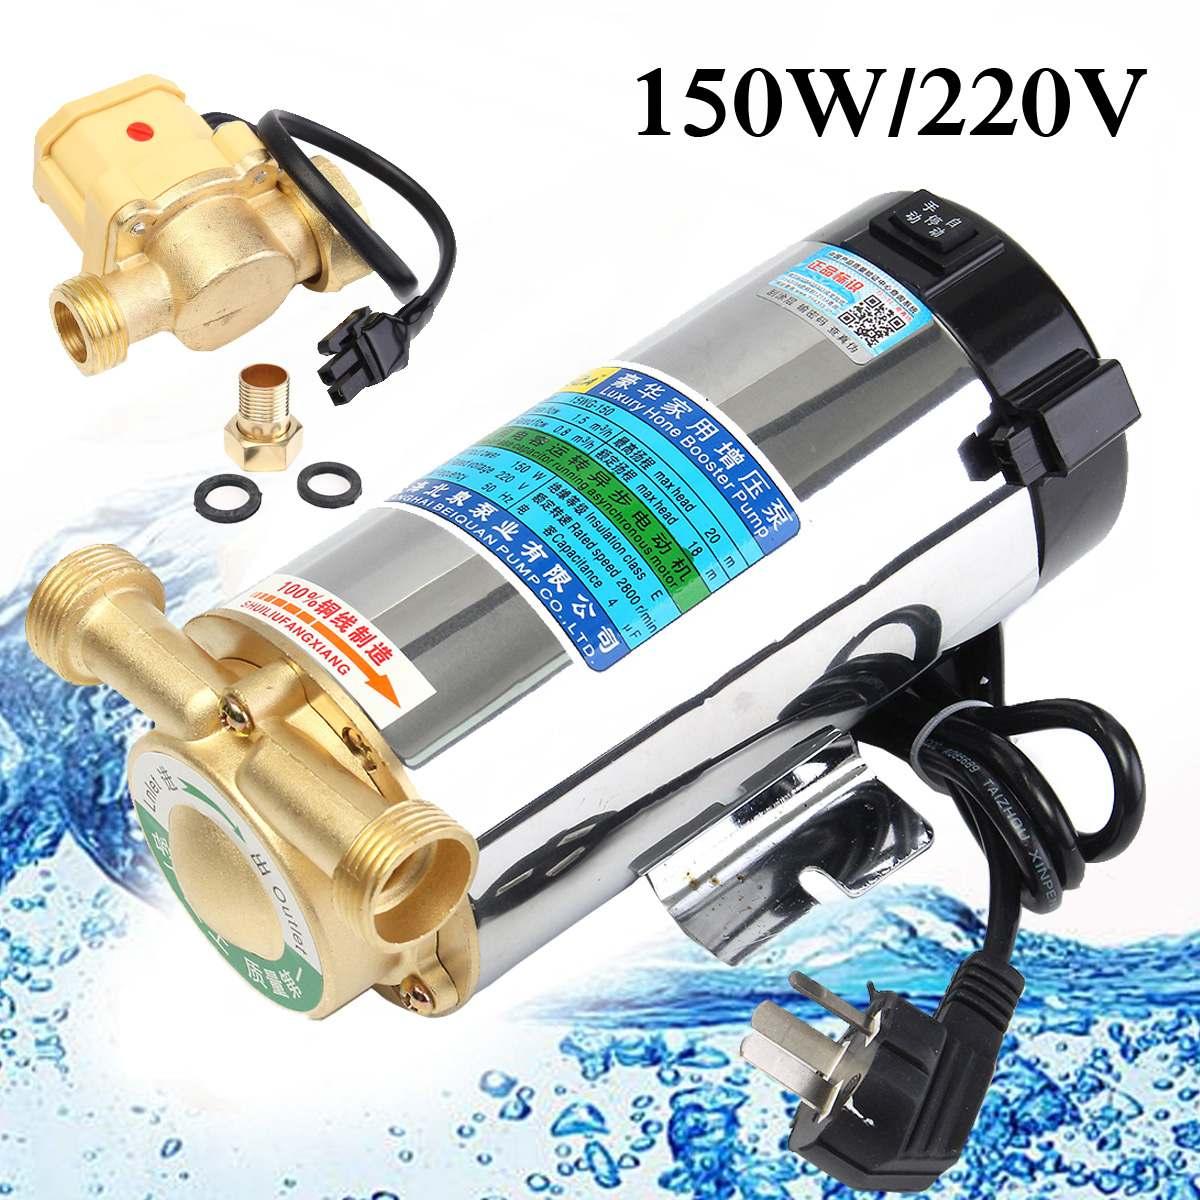 Mini 150 W Bomba de Recalque de Água Pipeline Bomba Bomba de Circulação Automática 220 V/HZ 50 Bomba de Reforço de Pressão Da Bomba Elétrica para Aquecedor De Água